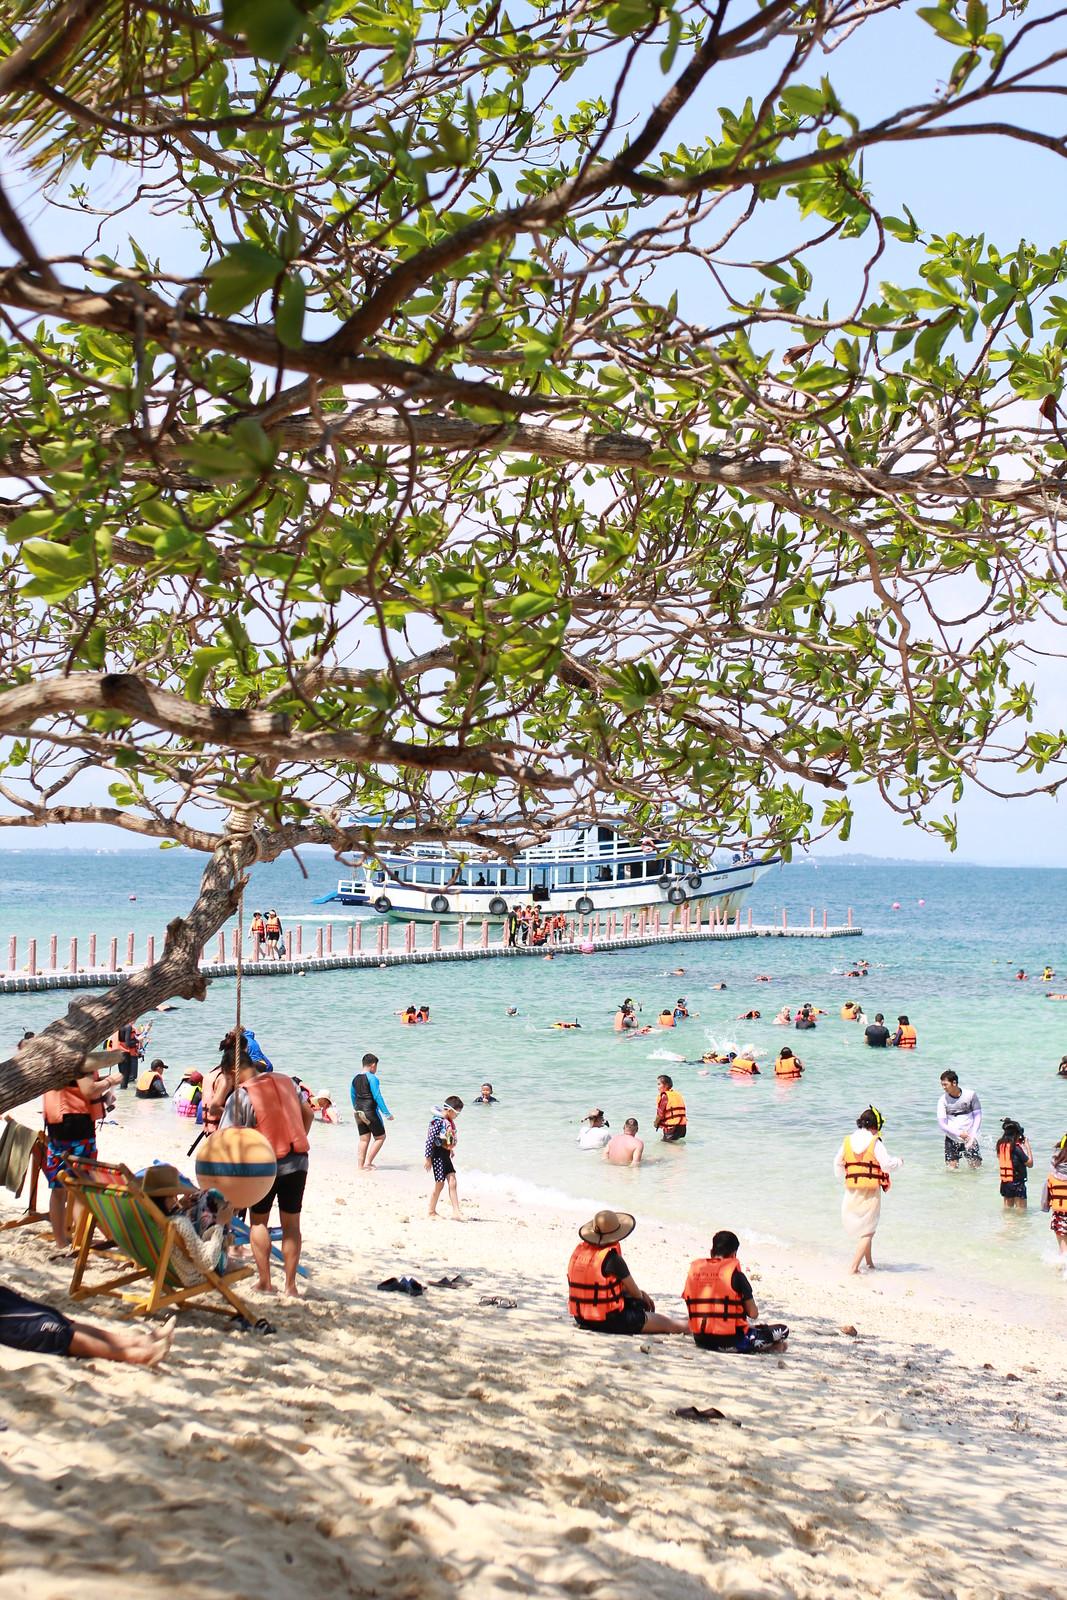 Koh Tha Lu - ชายหาดน้ำใส เกาะทะลุ ระยอง